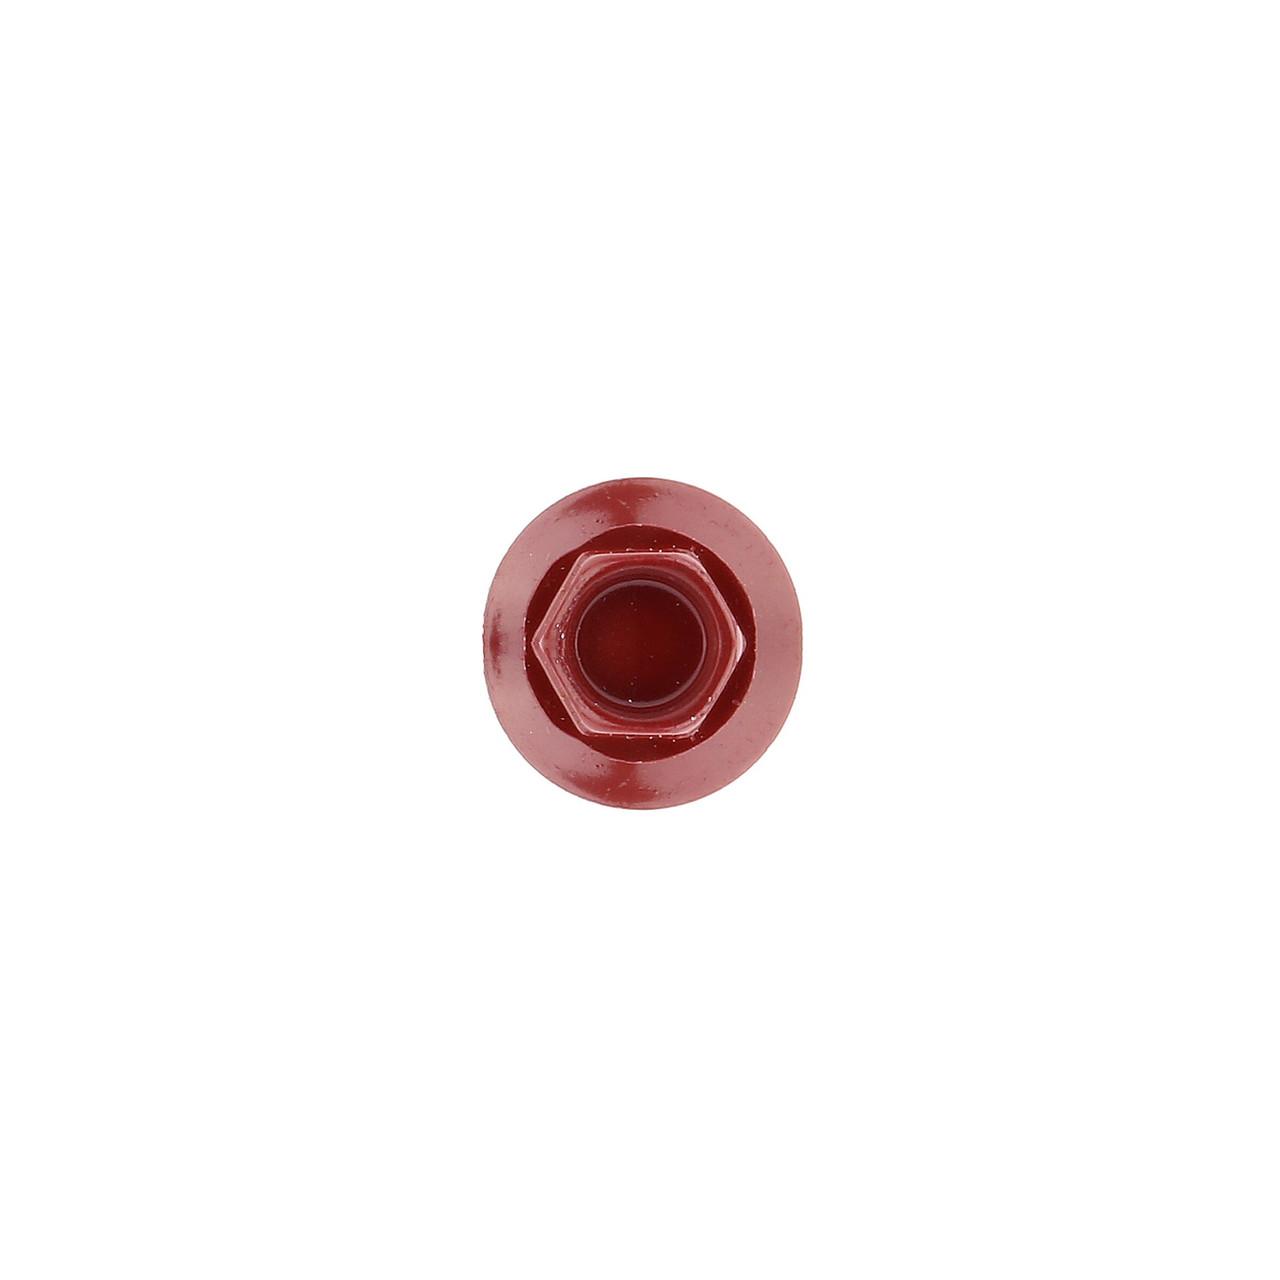 Саморез по дереву кровельный вишневый RAL3005 BudMonster 4,8х35 мм 250 шт (10086) - фото 2